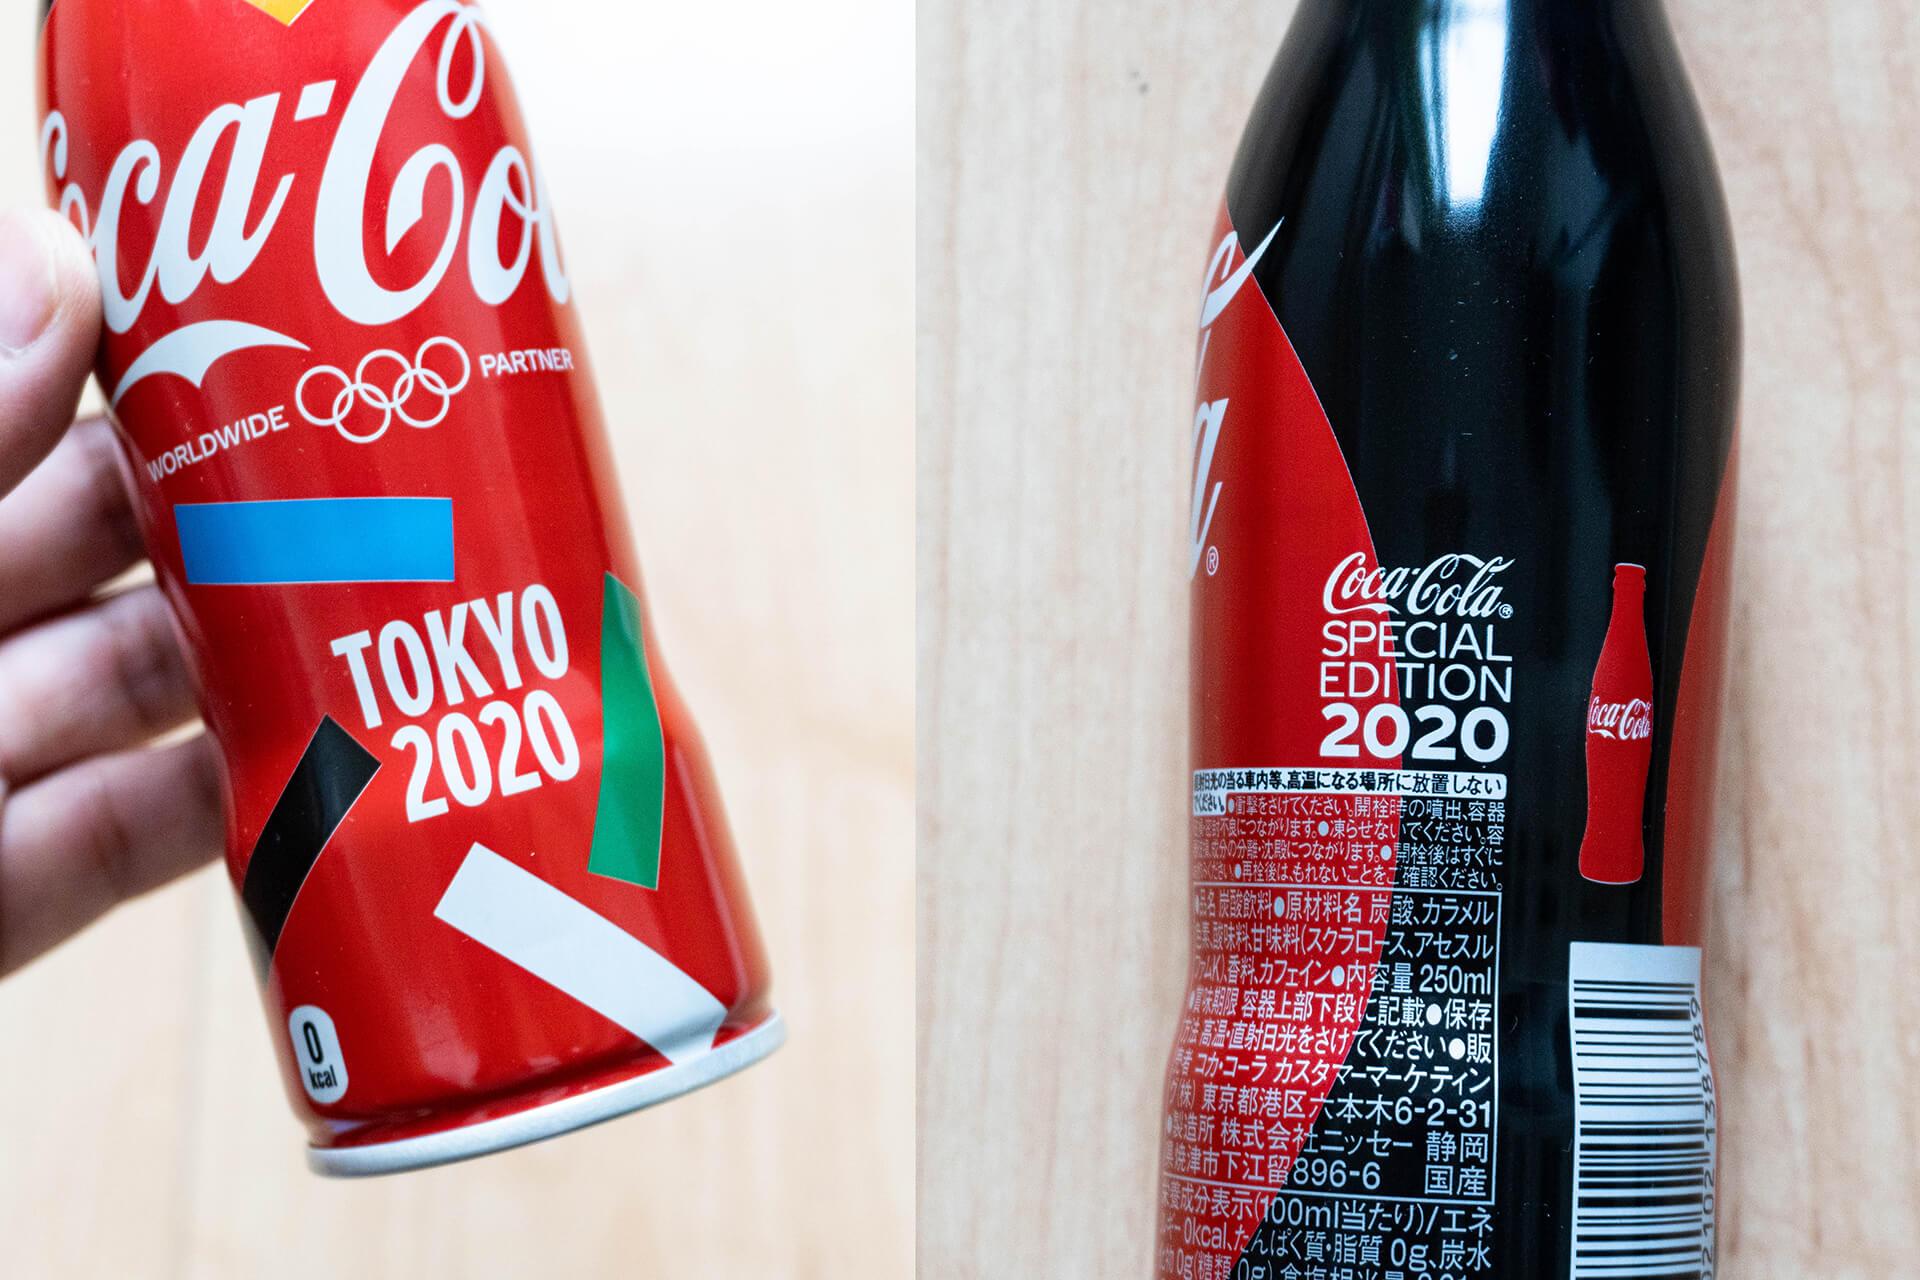 コカコーラ 限定スリムボトル